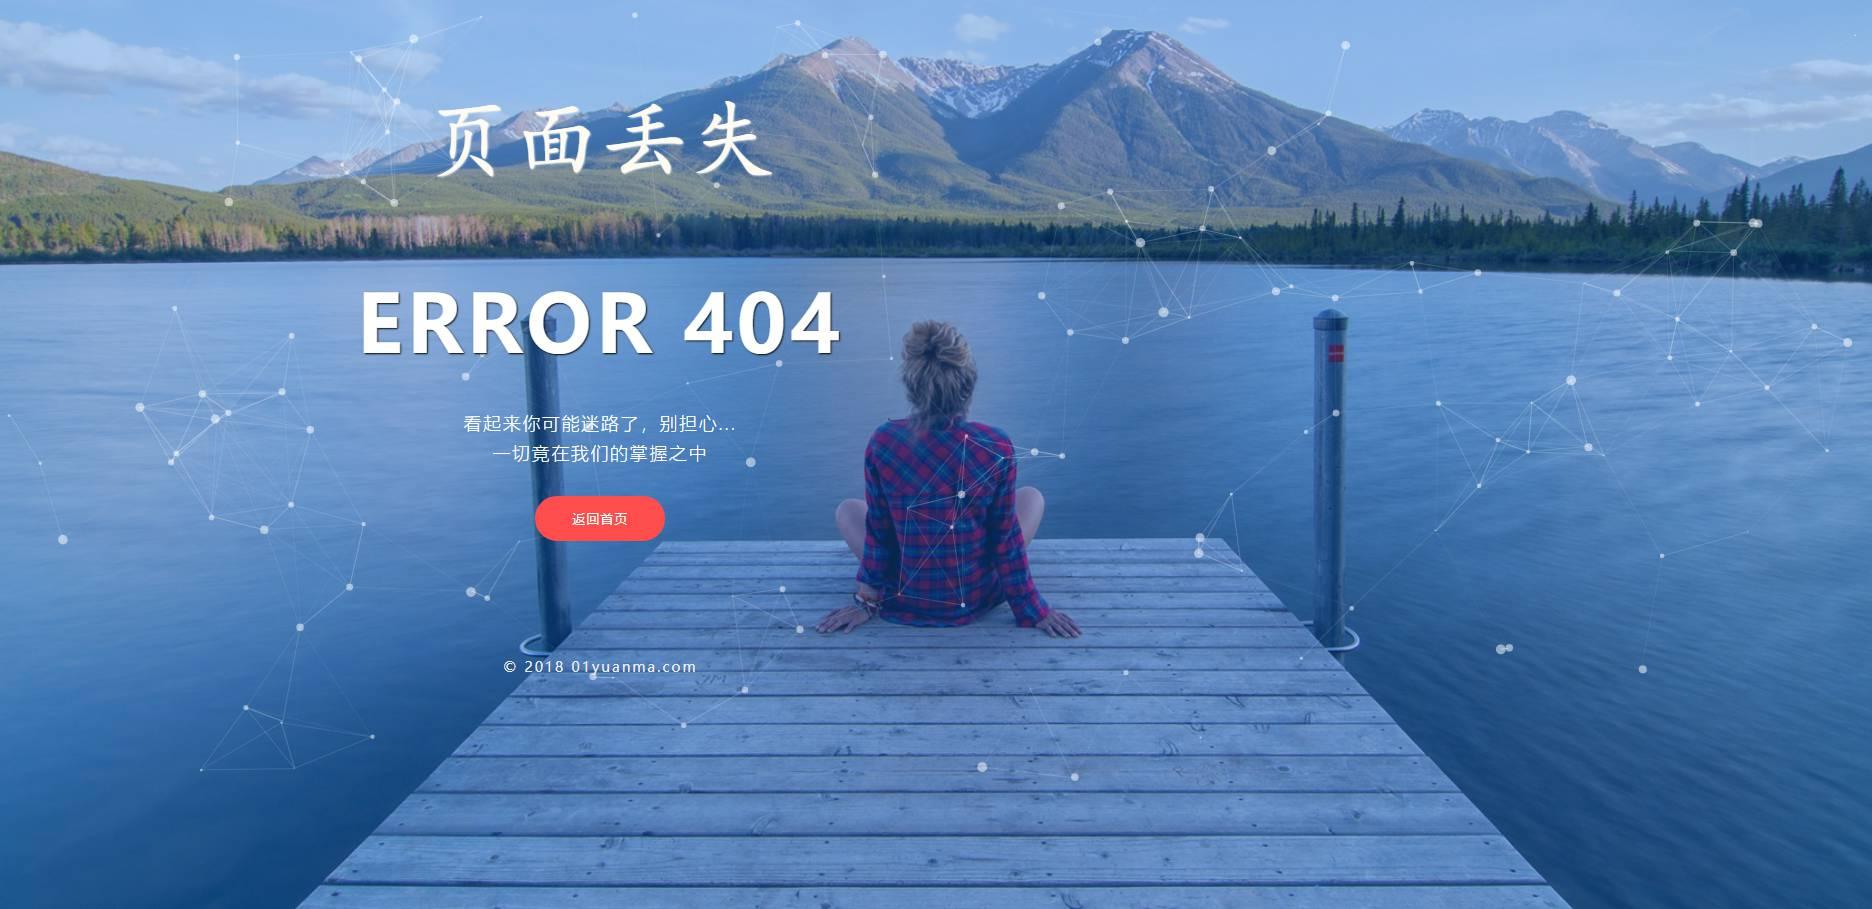 宁静优美景色404网页html模板